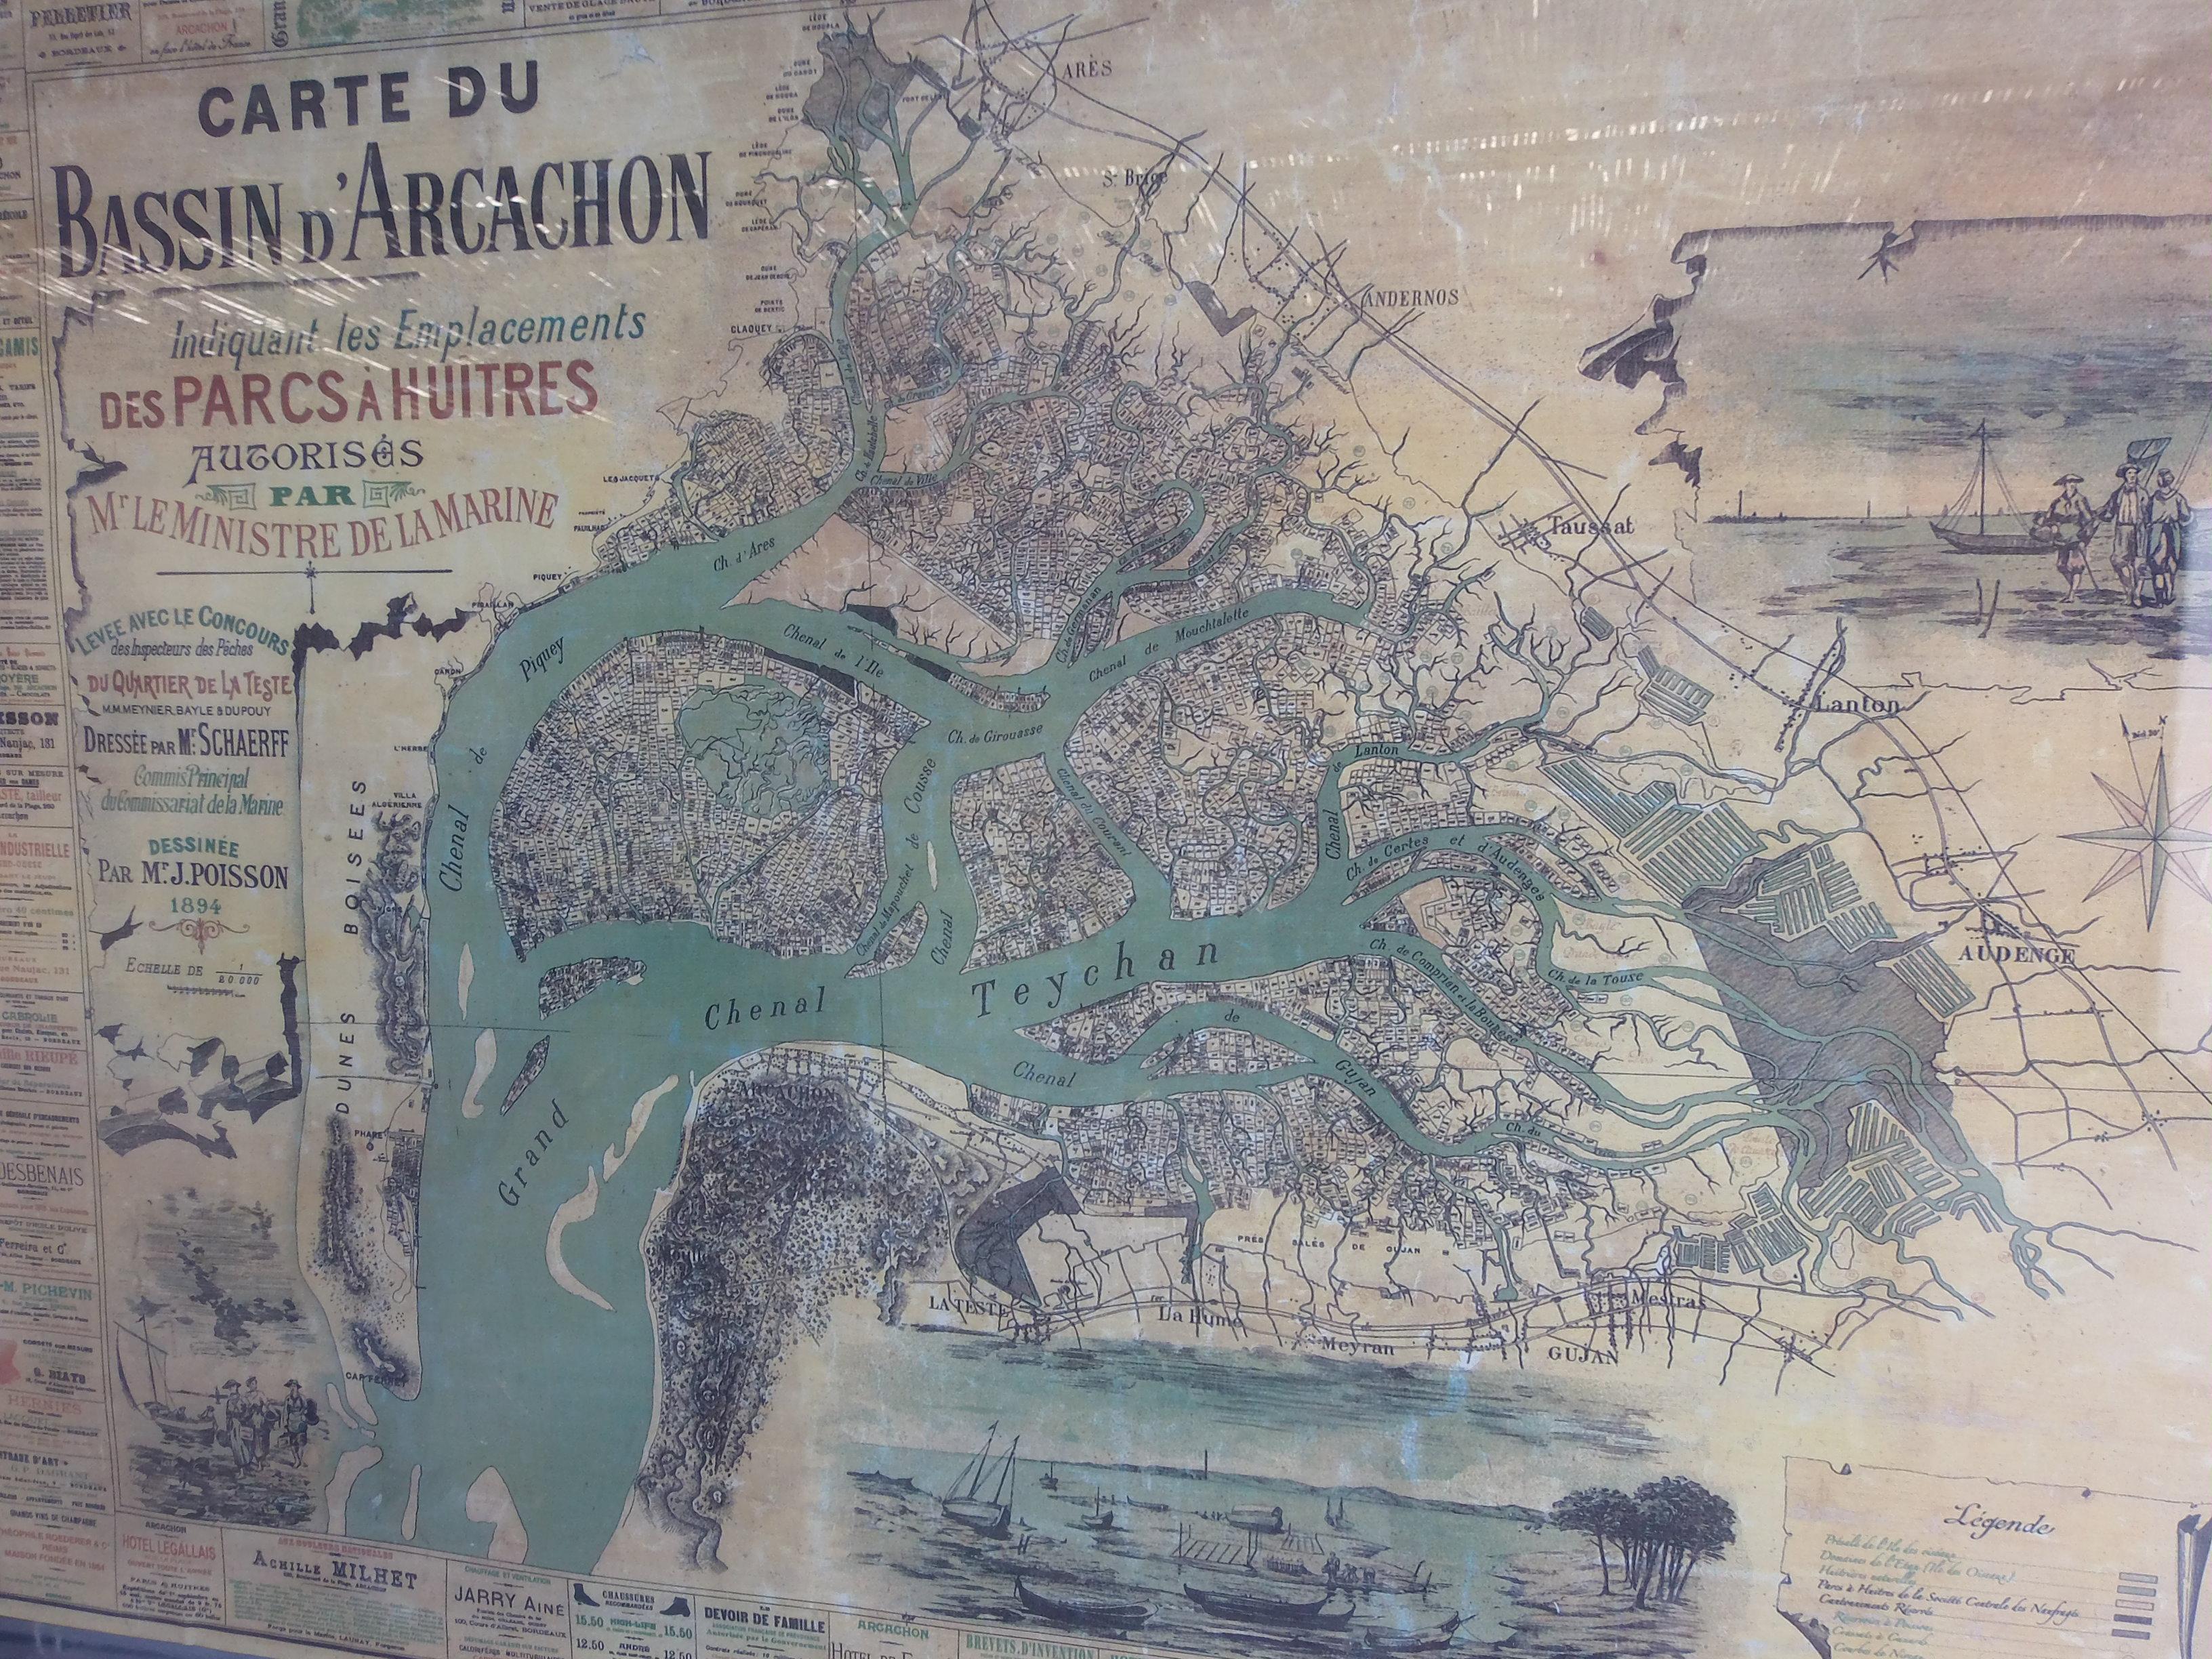 bassin d arcachon carte File:Carte du bassin d Arcachon de 1894.   Wikimedia Commons